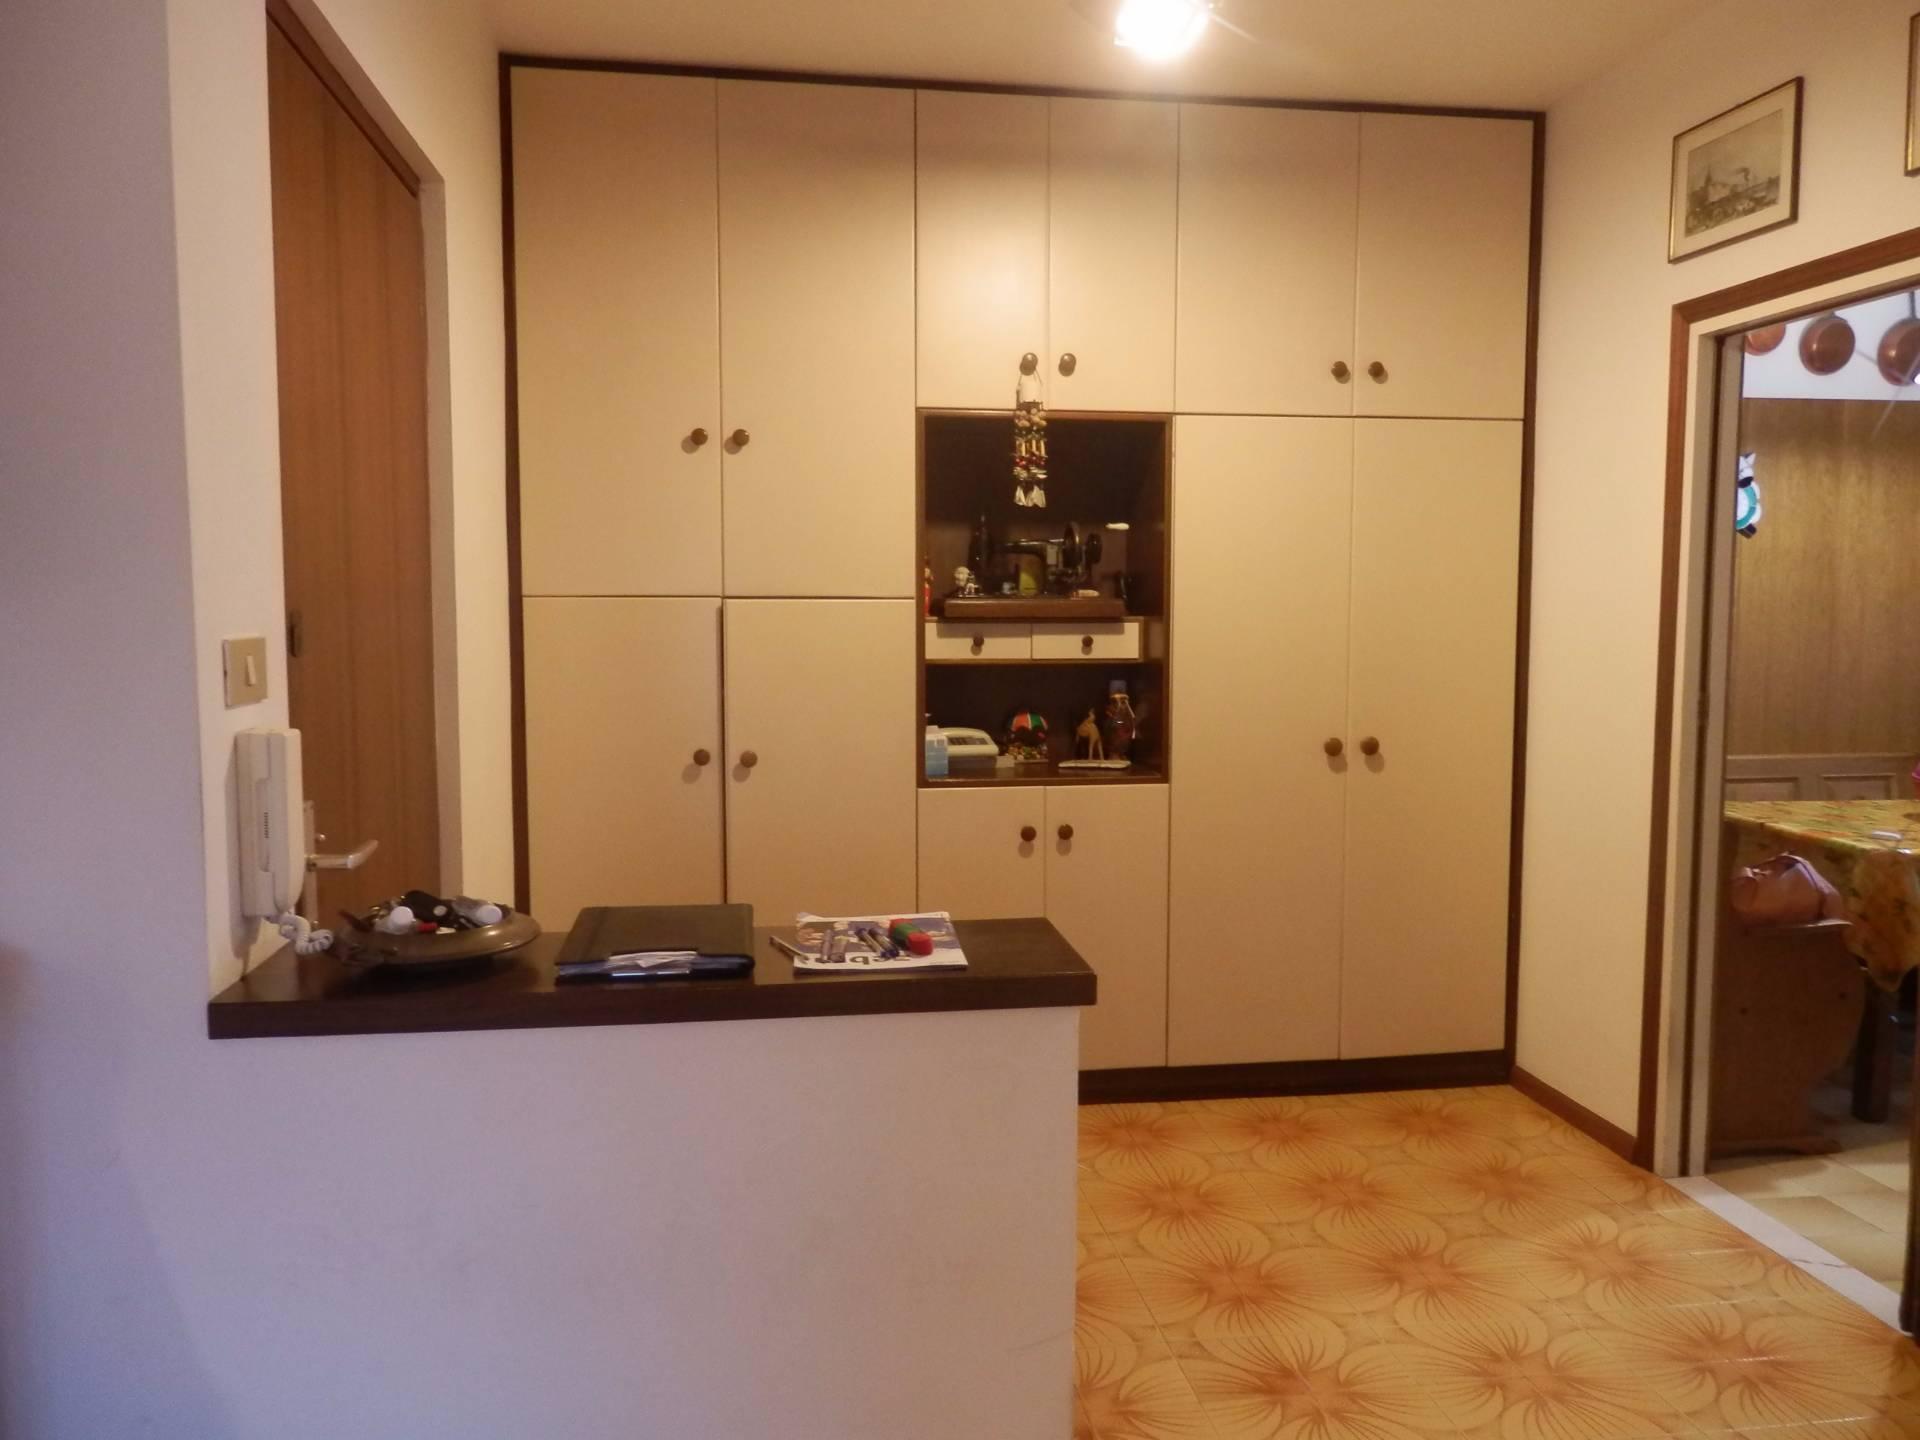 Appartamento in affitto a Bolzano, 4 locali, zona Zona: Residenziale, prezzo € 900 | Cambio Casa.it